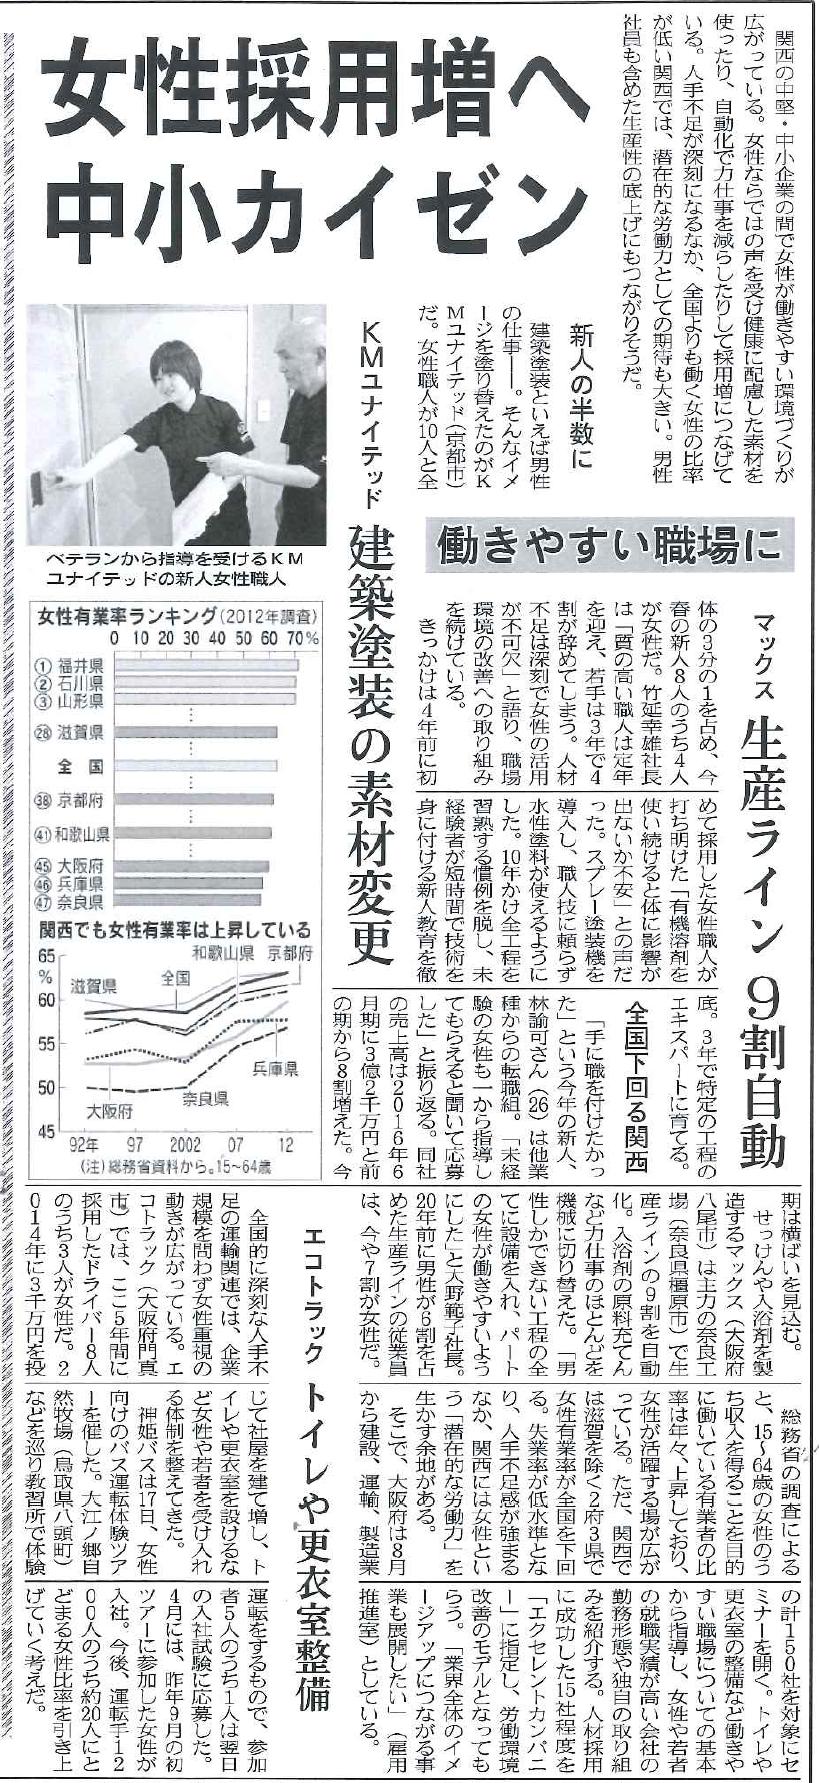 2017.6.29日本経済新聞